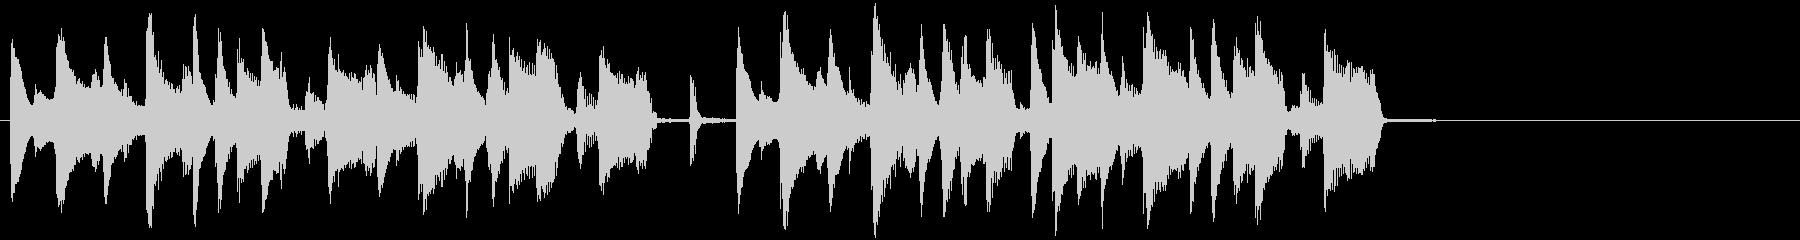 コミカルで素朴な日常 ジングル2の未再生の波形